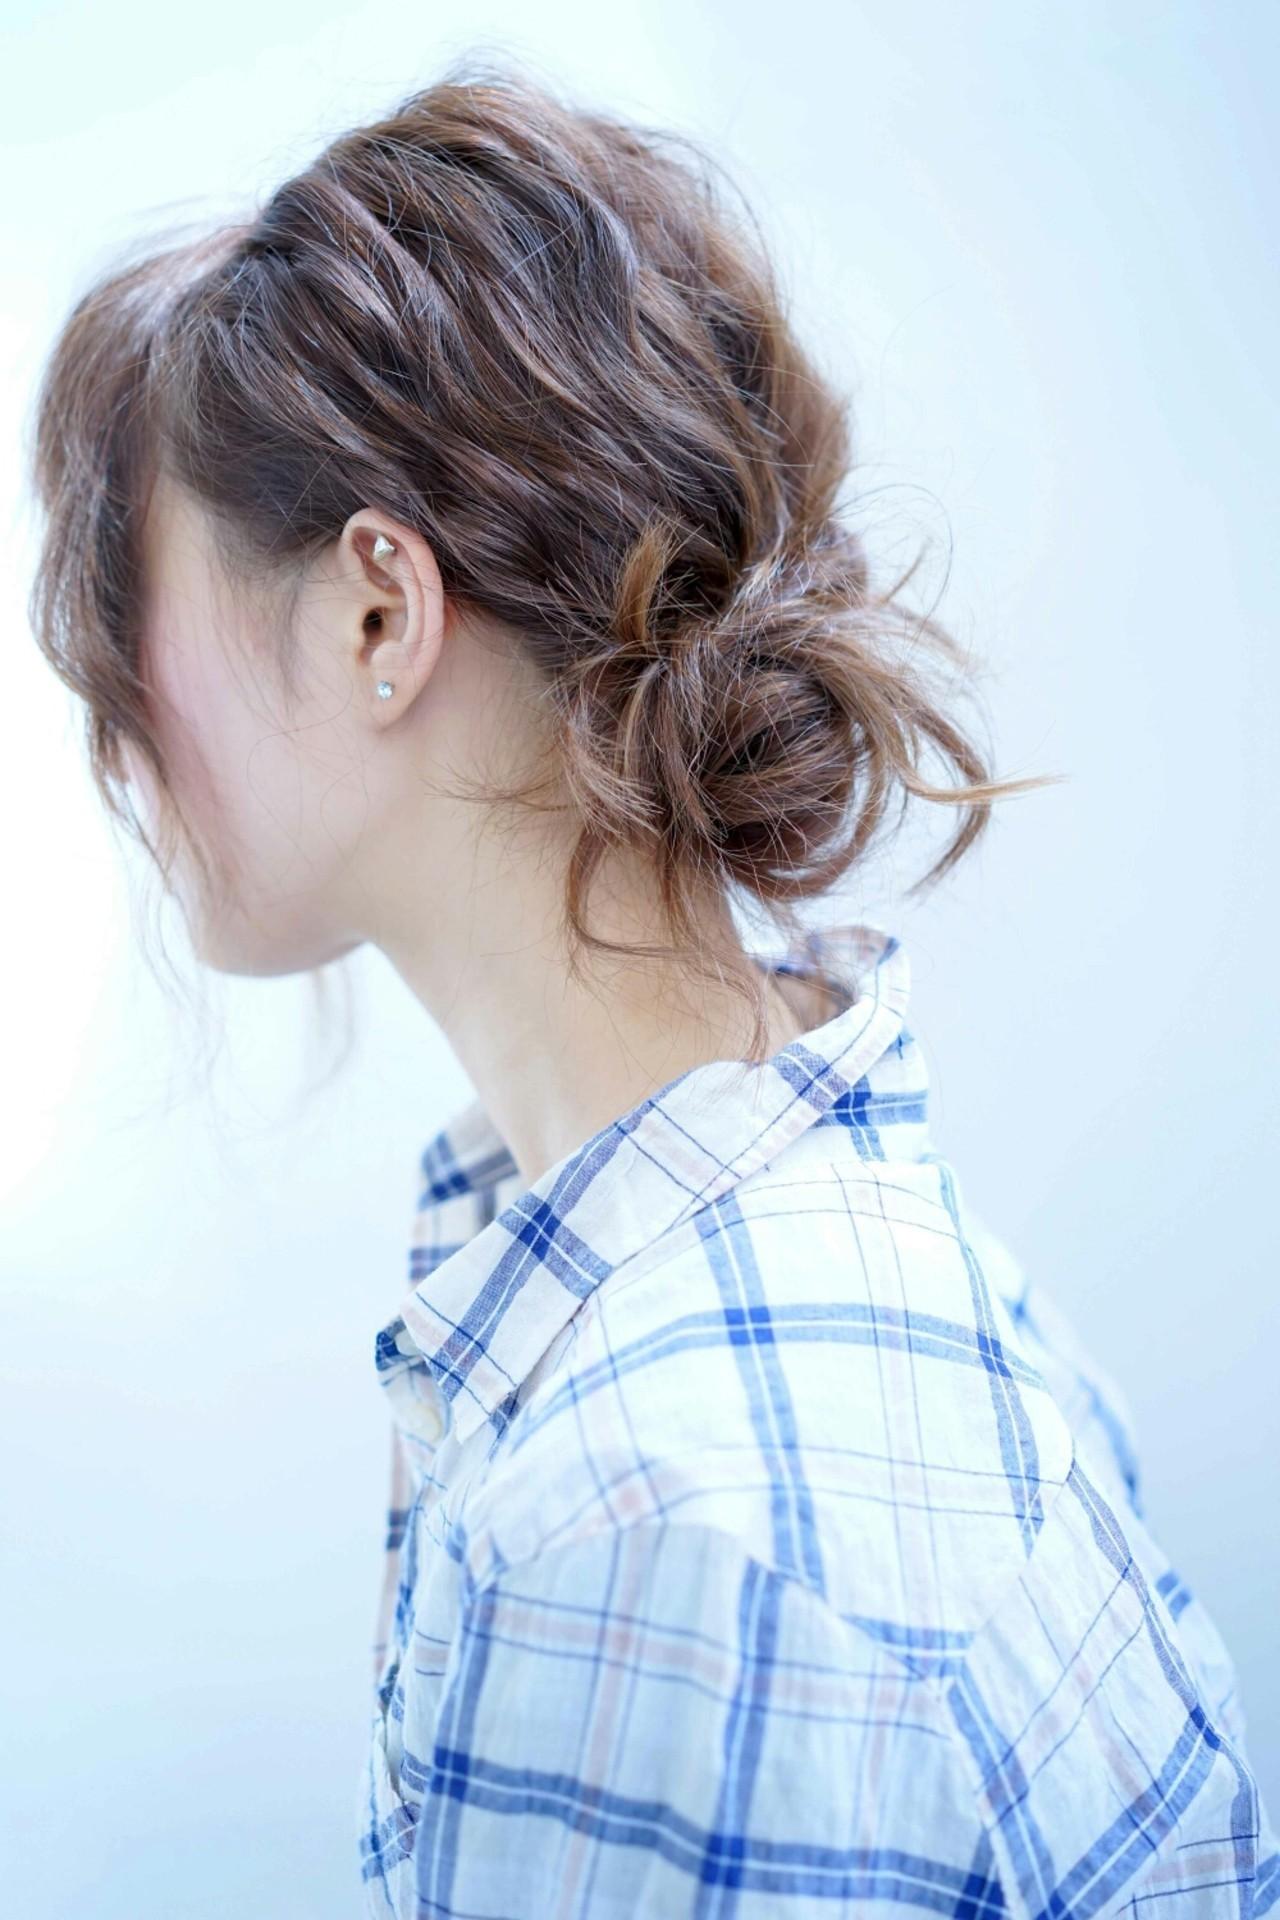 ショートヘアでもできるお団子ヘア。崩れ防止の便利アイテムも紹介の11枚目の画像